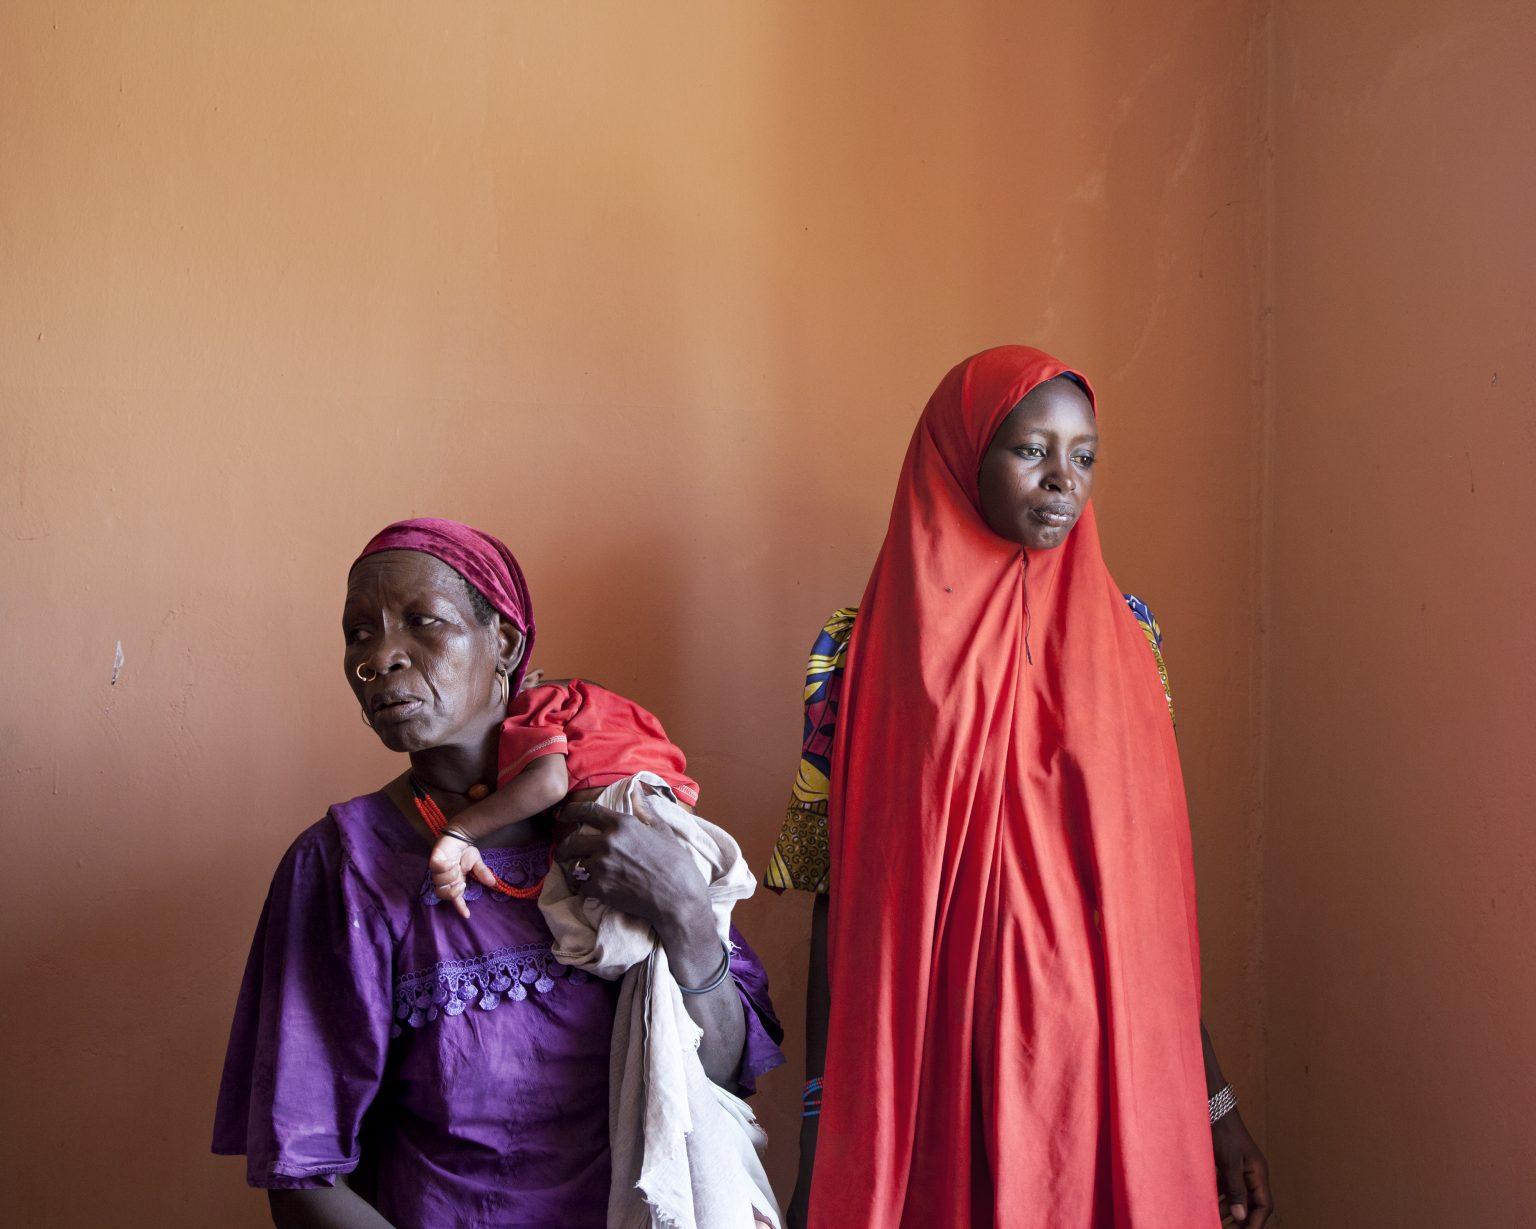 Gajiganna, Borno State (Nigeria). Primary health center. Yafati Bukar and her daughter Fanda escaped to Gajiganna when Boko Haram arrived in their village. During labor, Fanda had convulsions and gave birth in a car before reaching the hospital. Her child Modu Ali was born with a cerebral paralysis. >< Gajiganna, Stato di Borno (Nigeria). Centro di salute primario. Yafati Bukar e sua figlia Fanda sono scappate a Gajiganna con l'arrivo di Boko Haram nel loro villaggio. Durante il travaglio, Fanda ha avuto delle convulsioni e ha partorito in macchina prima di raggiungere l'ospedale. Suo figlio Modu Ali è nato con una paralisi celebrale.